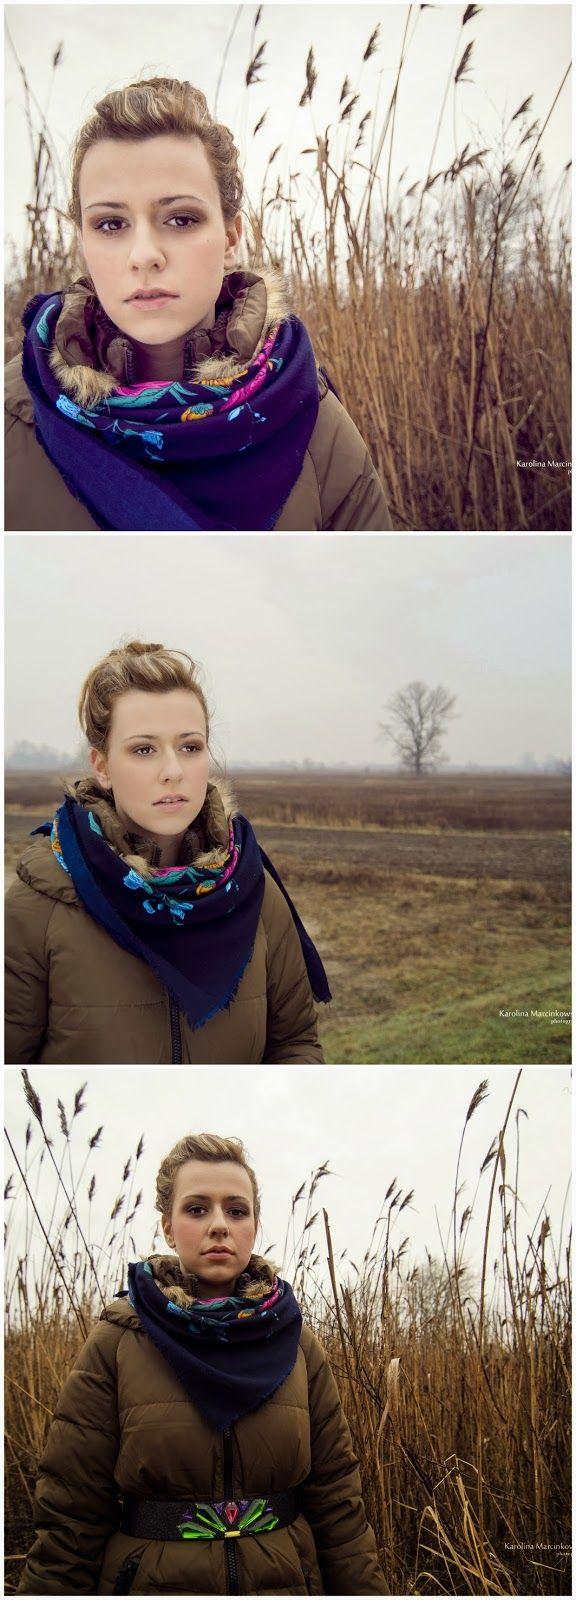 Winter photo session - woman portrait!